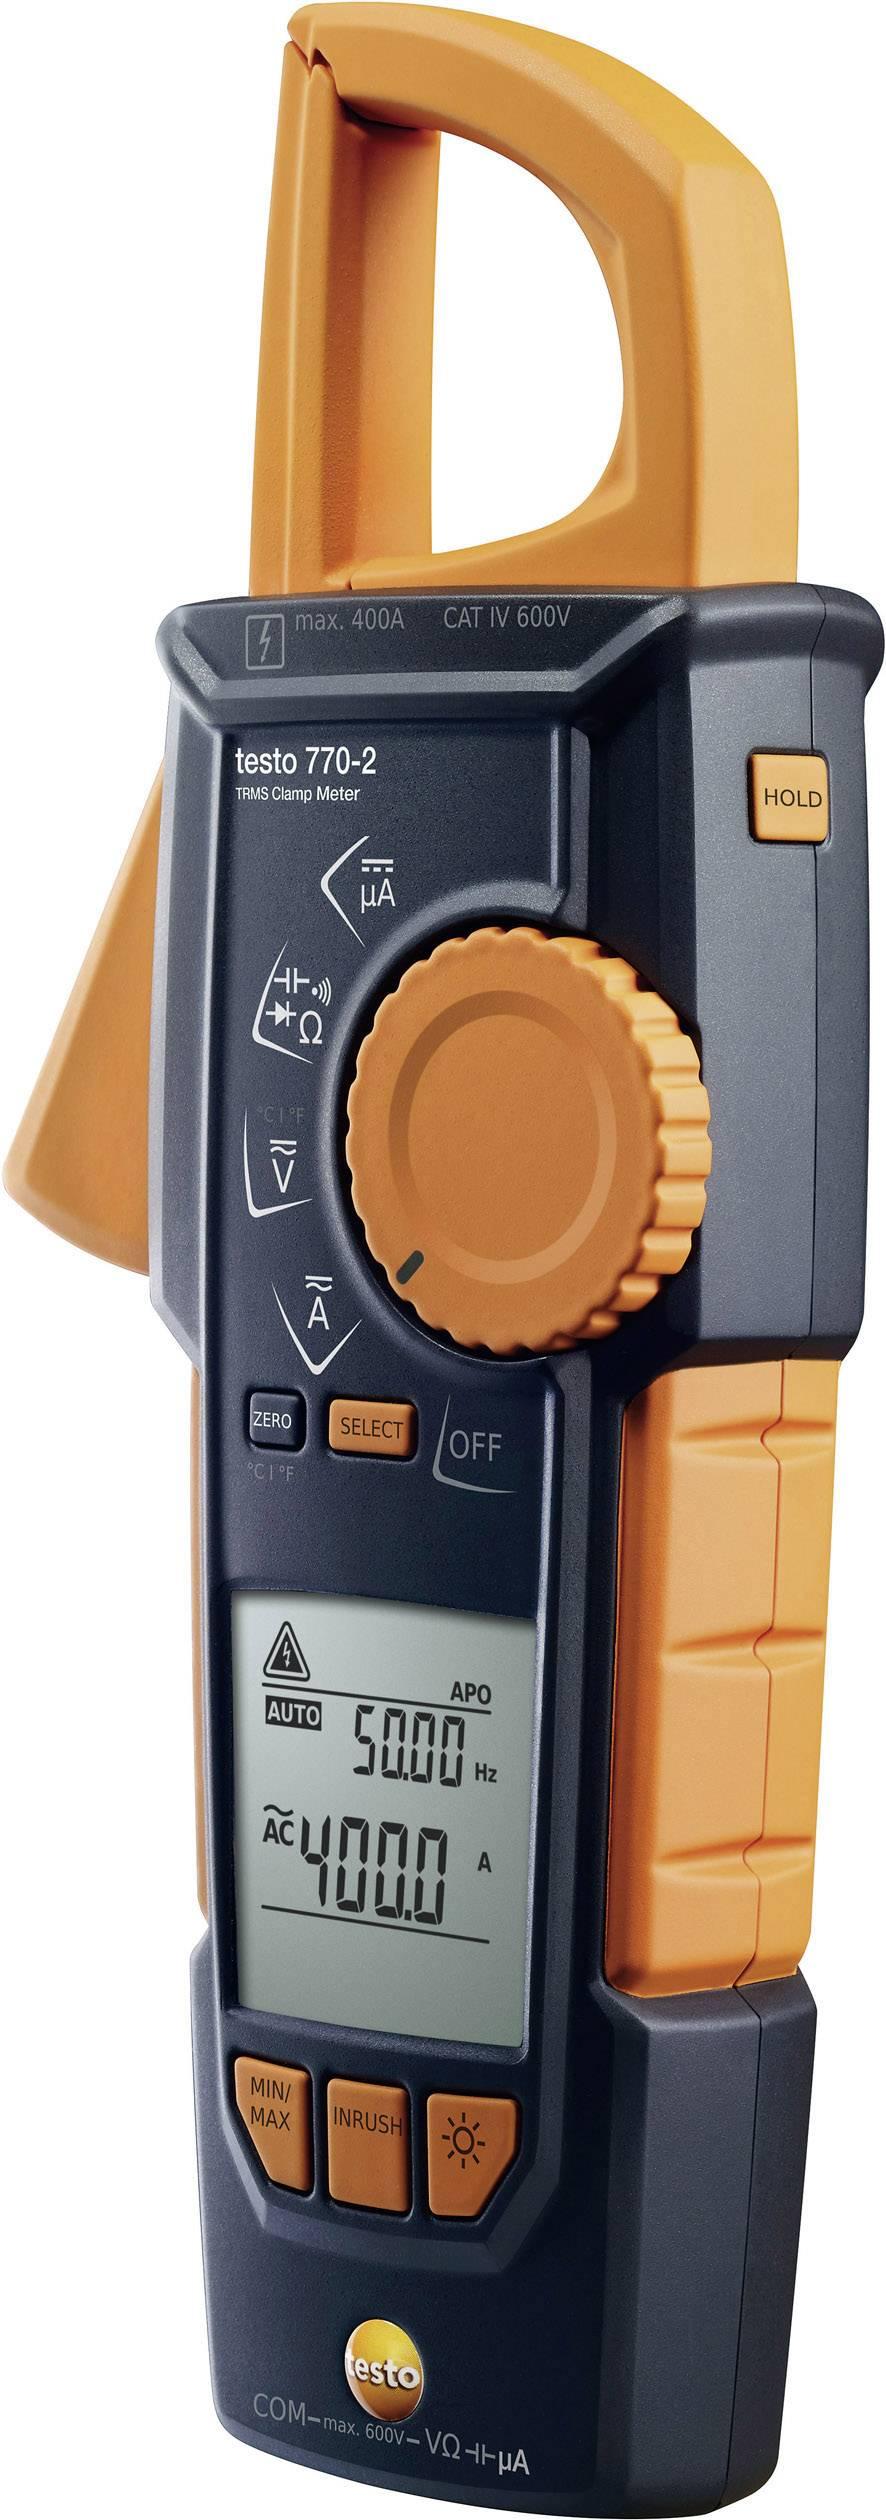 Digitální proudové kleště, multimetr testo 770-2